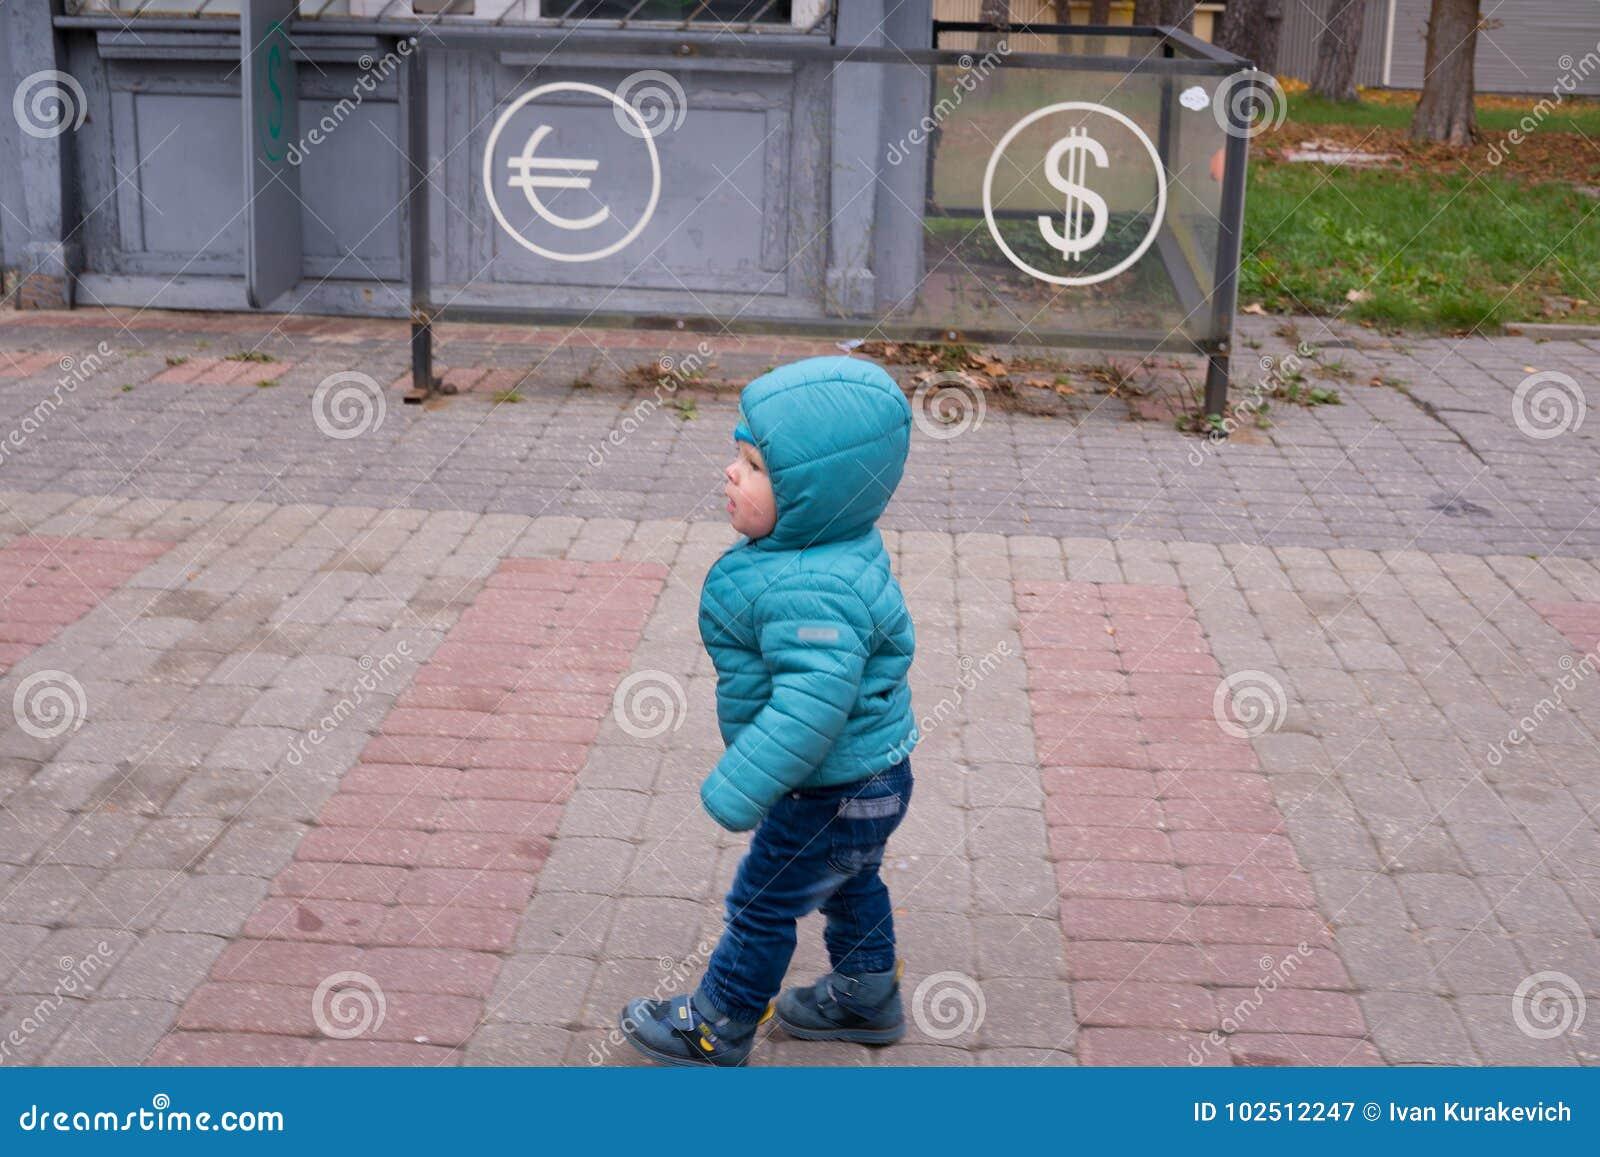 Bébé près du bureau de change image stock image du chéri coins